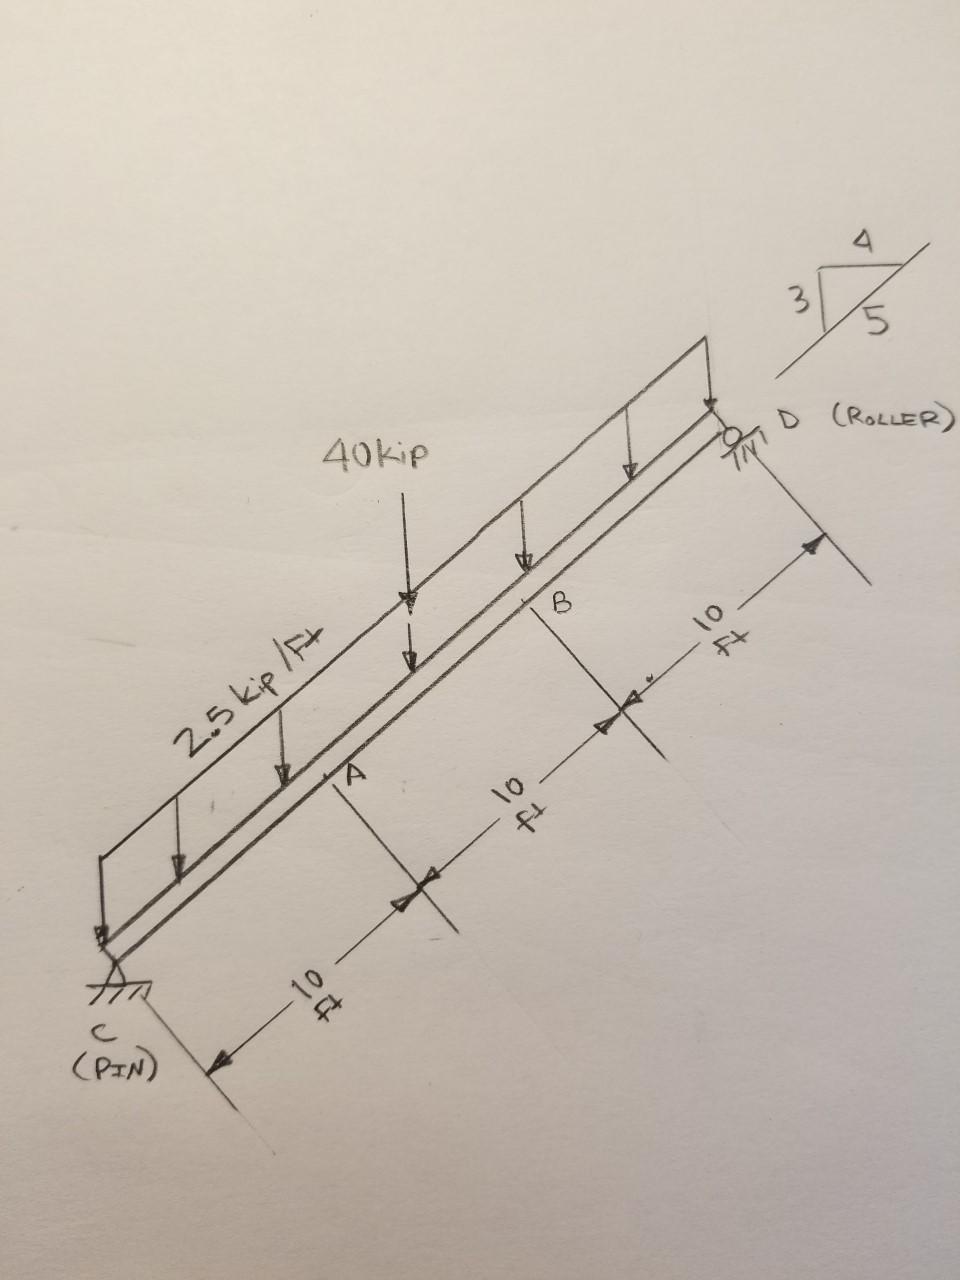 4 40kip (ROLLER 2.5 kip /H (PrN) 10